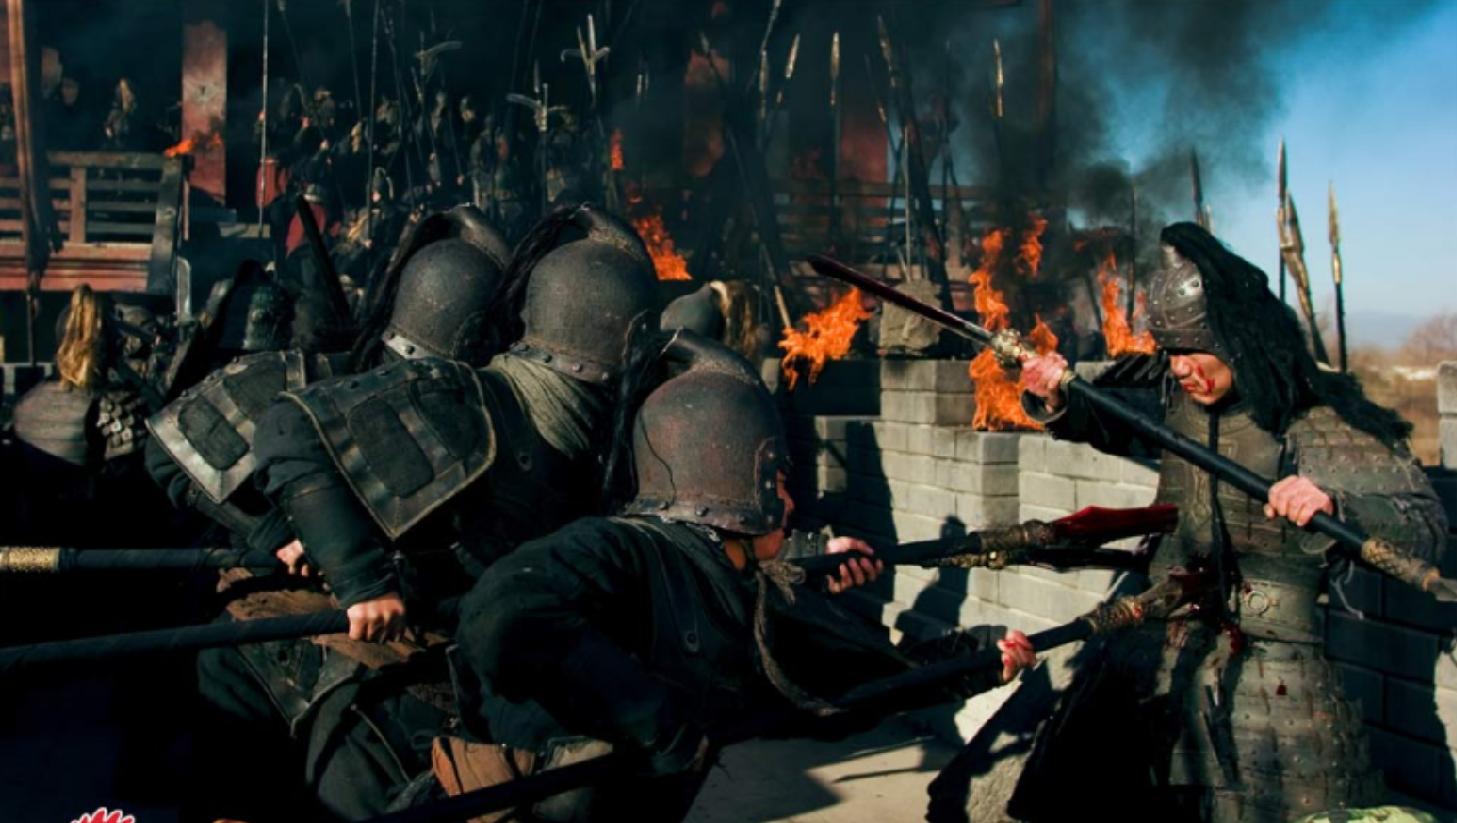 夷陵之战对蜀国影响有多大?战败打掉蜀国根基,往后努力多是徒劳